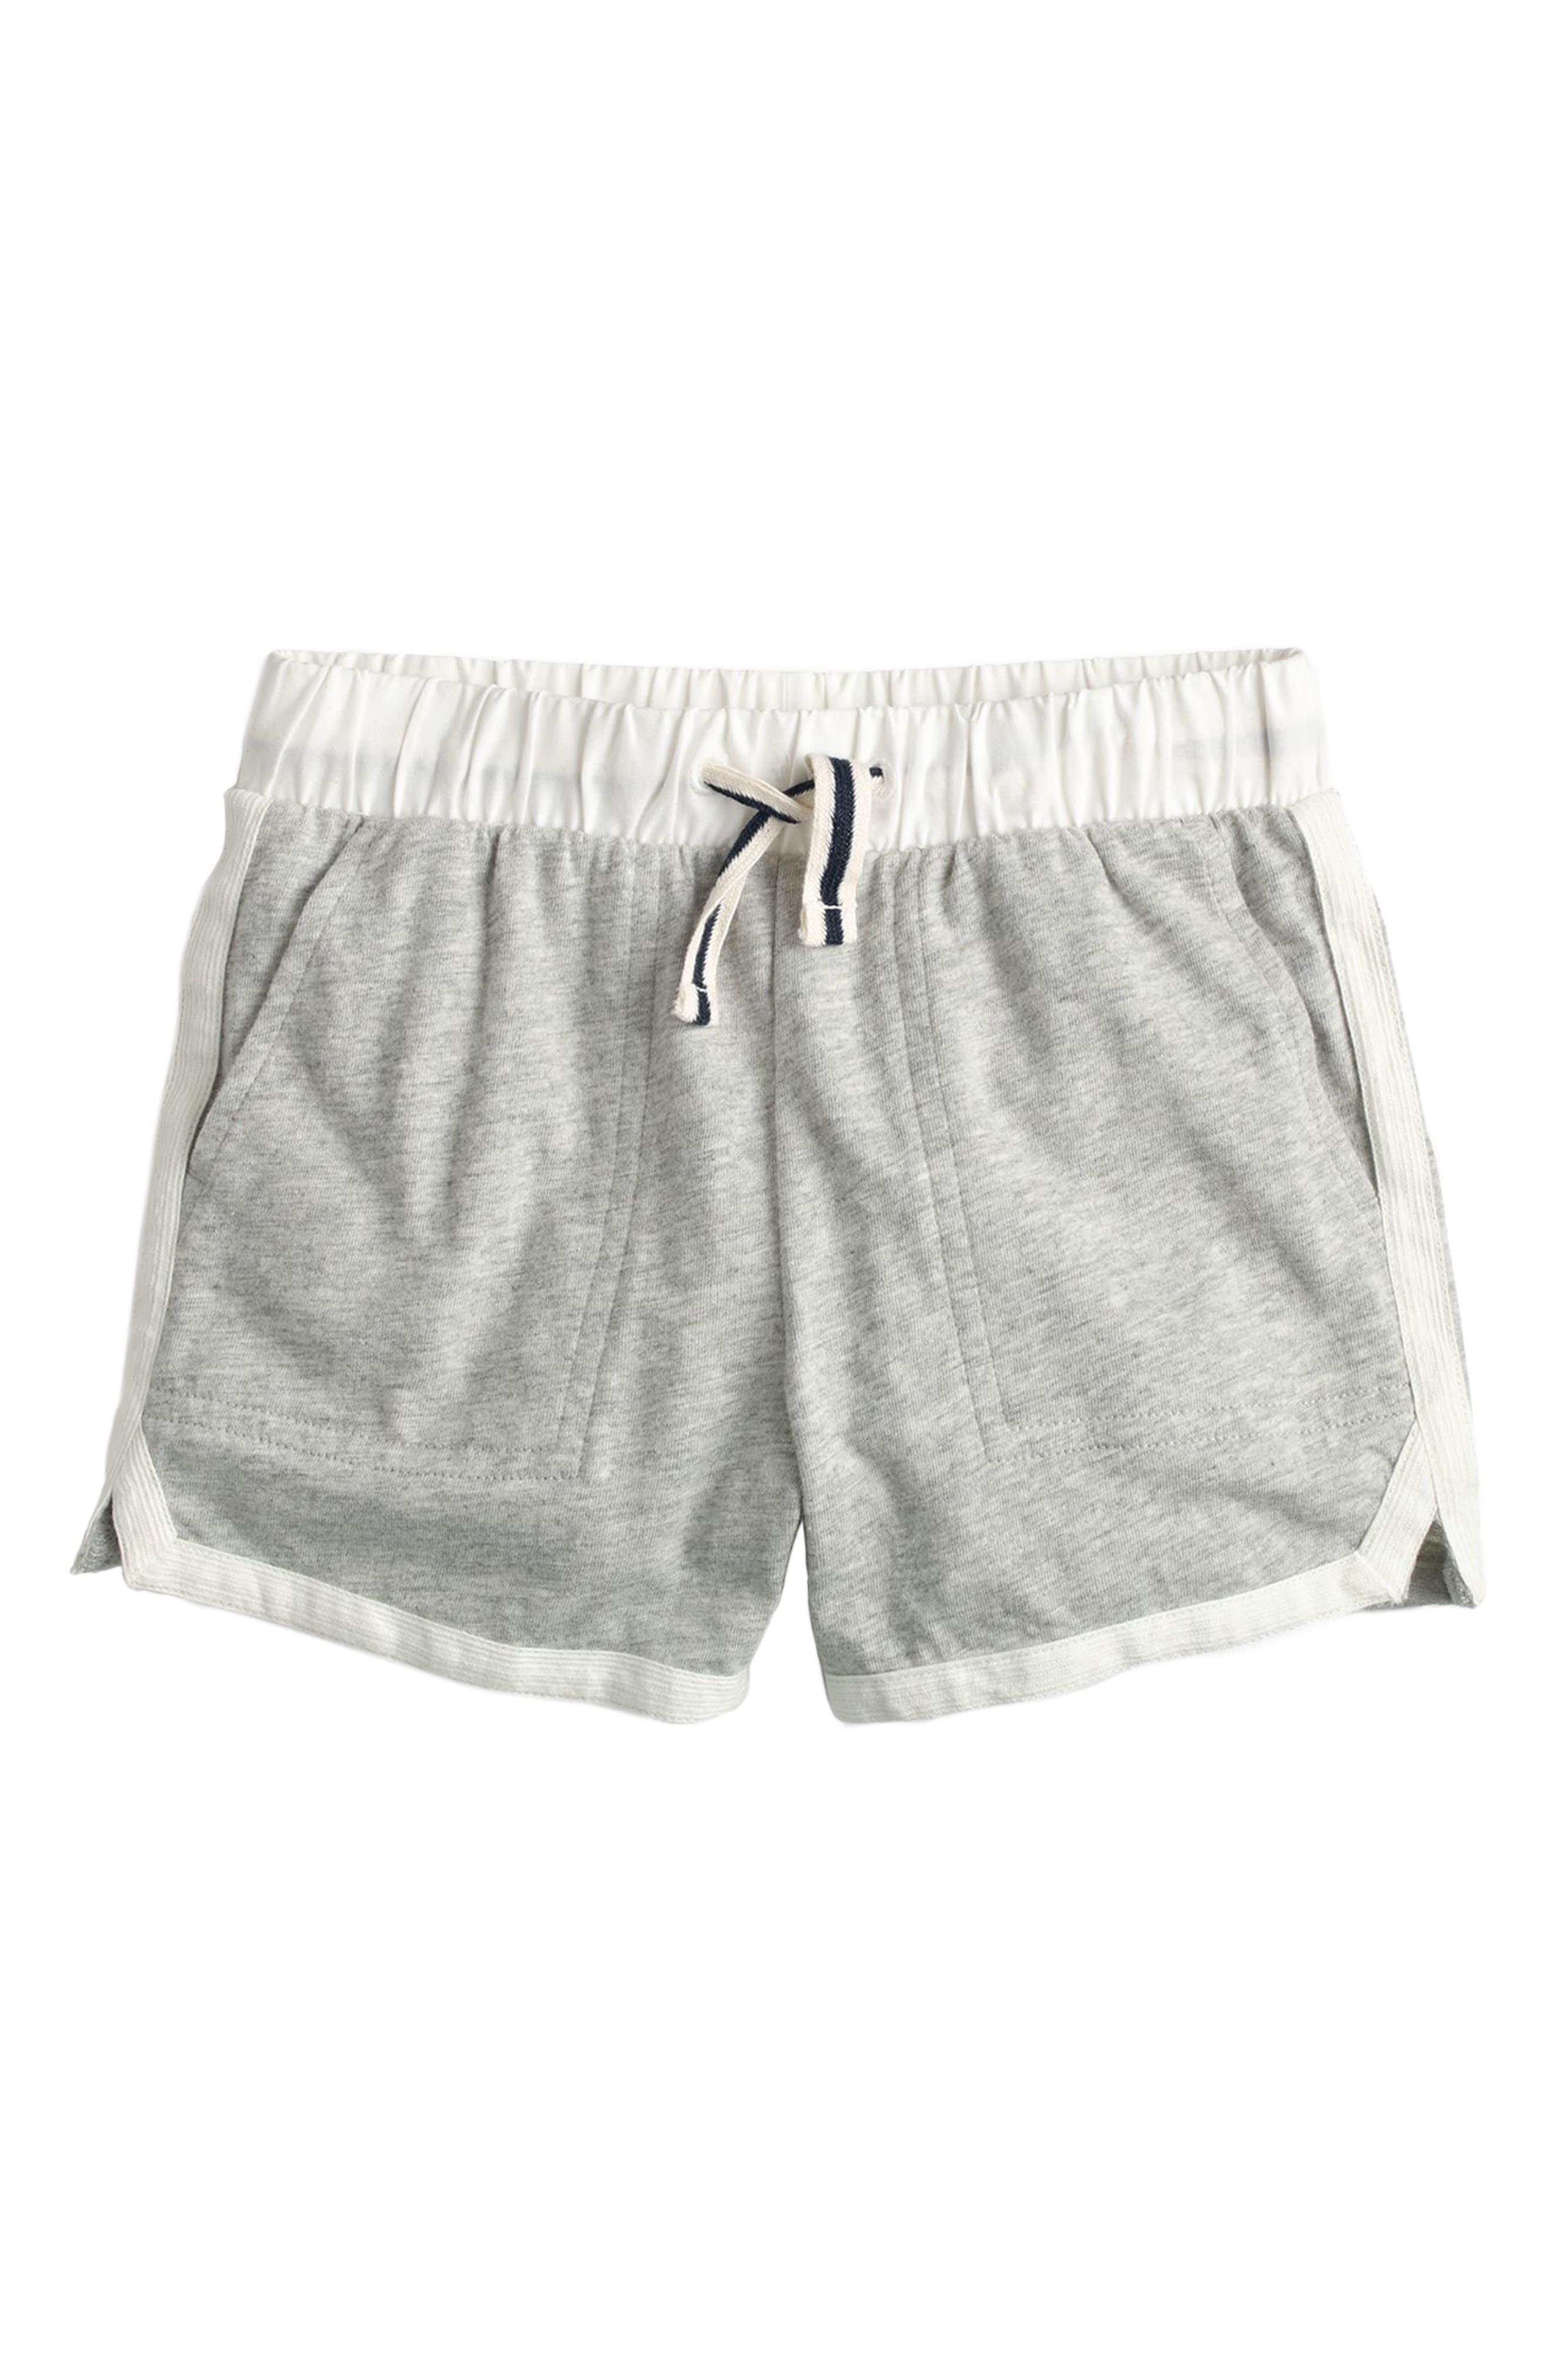 Ester Cotton Shorts,                         Main,                         color, 020